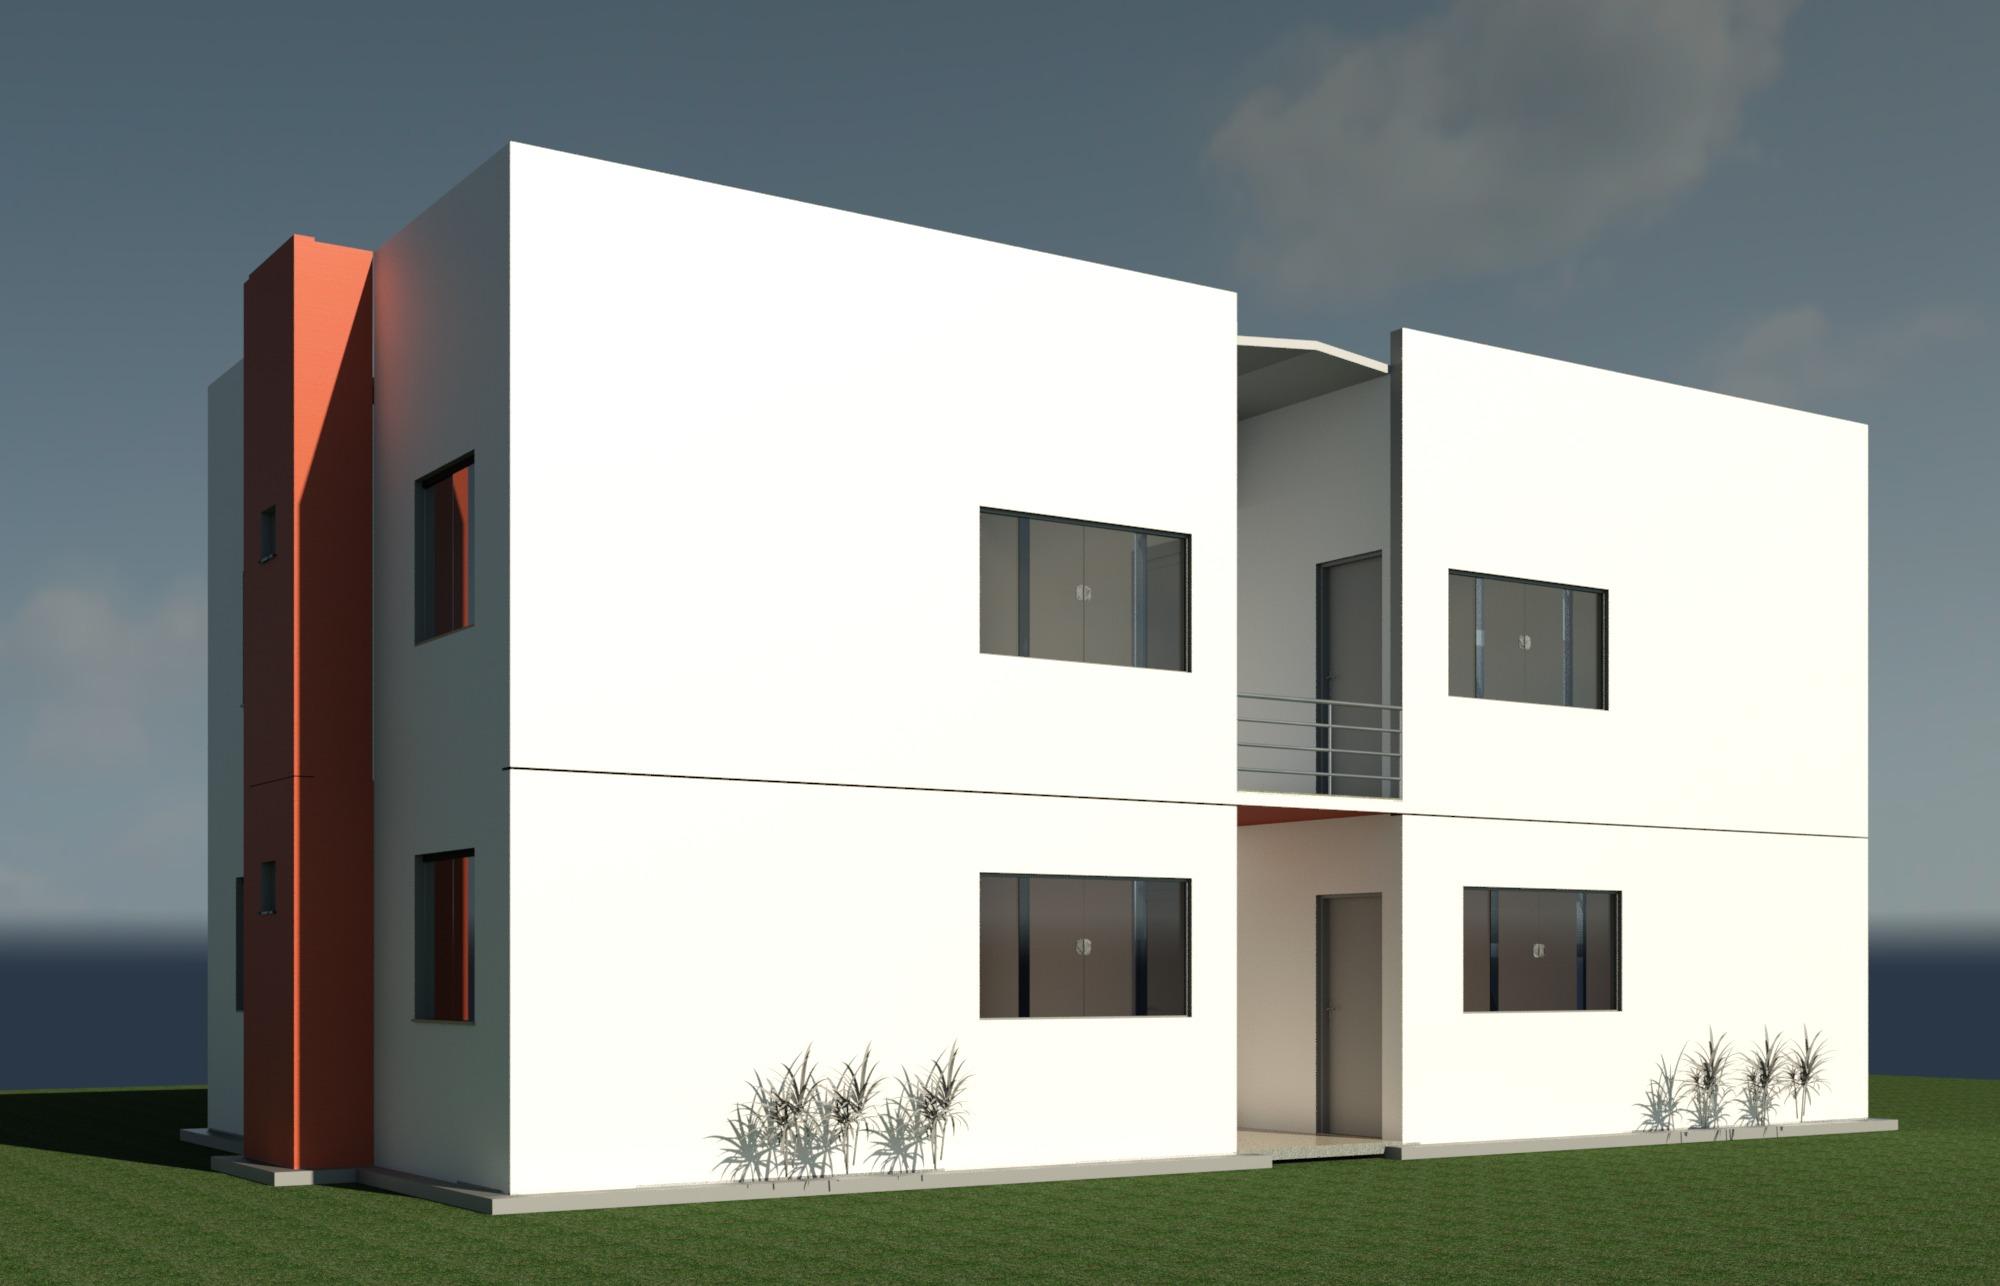 Raas-rendering20140910-32667-16u9fdr